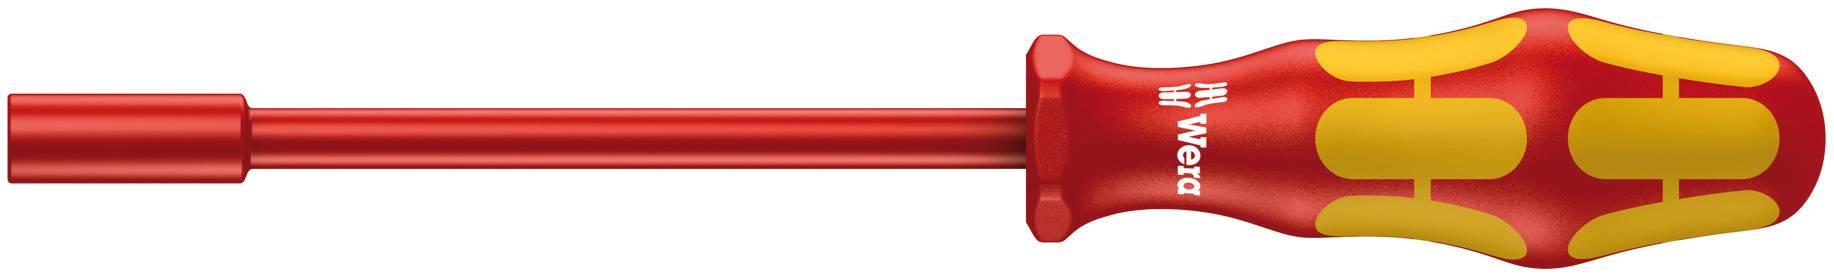 Šestihranný nástrčný klíč VDE Wera, 7 mm